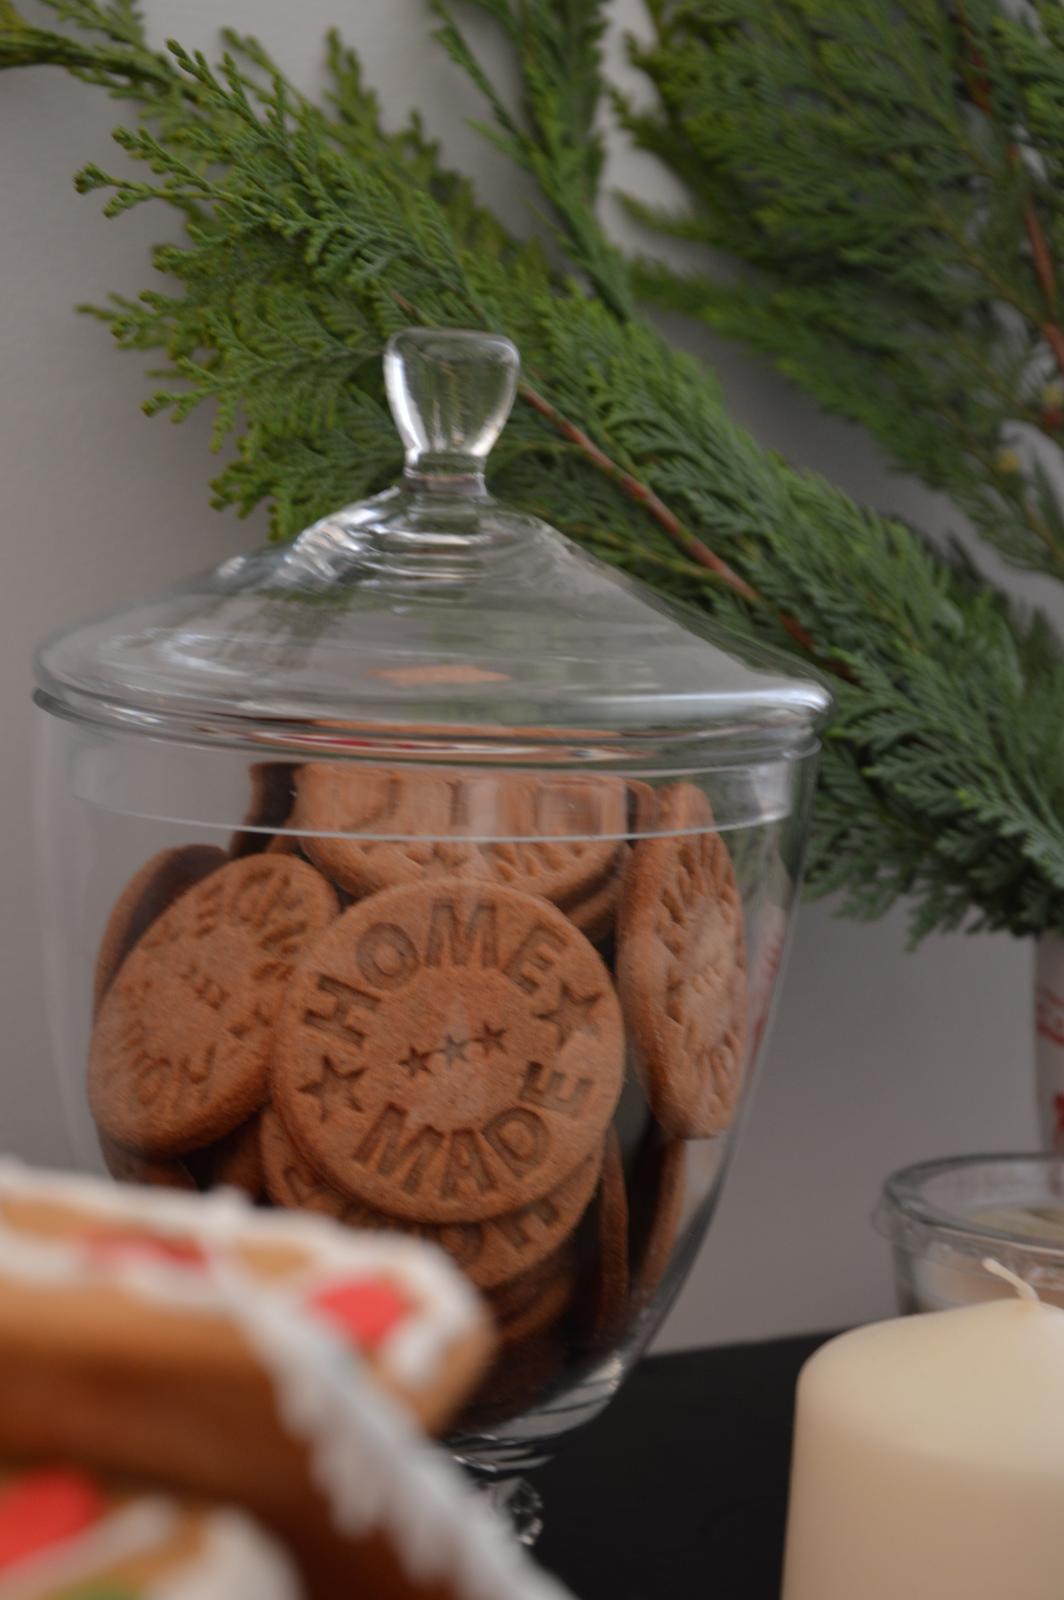 ★☆★Adventný a vianočný čas u nás ... ★☆★ 2015, 2016 - home made sušienky na svojom čestnom mieste :-)